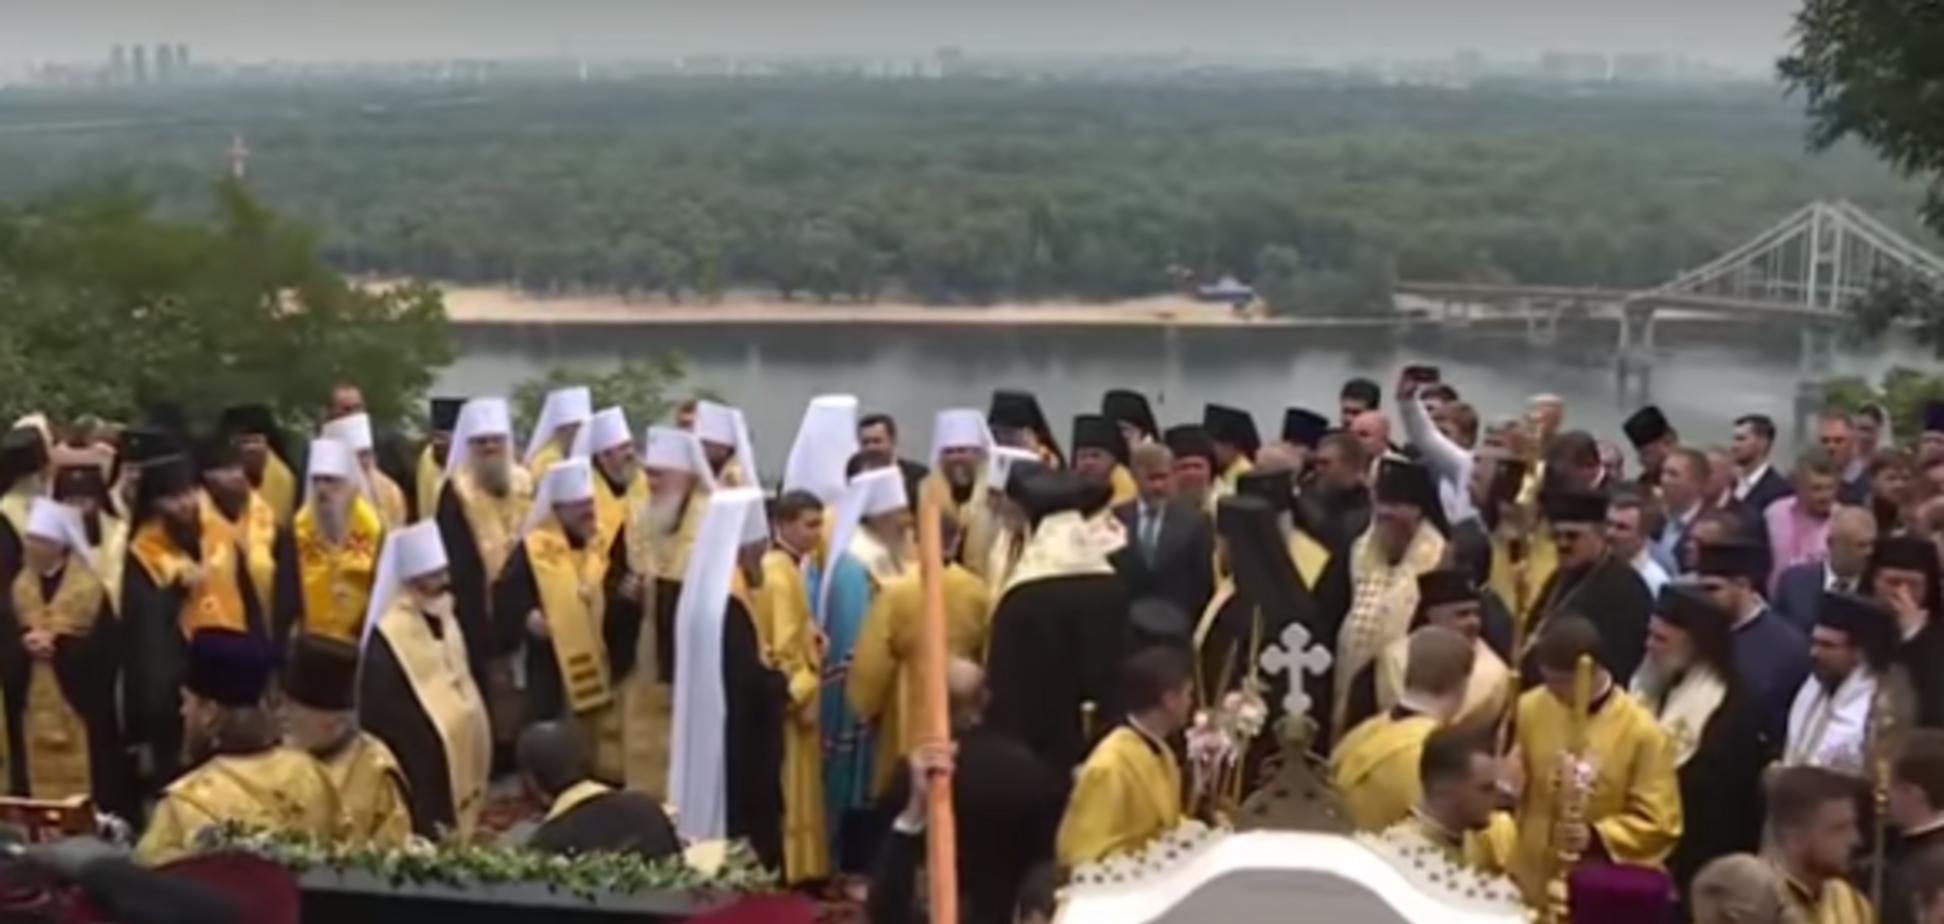 'Воювати за Україну - гріх': на Хресній ході УПЦ МП розповіли про 'божу війну' на Донбасі